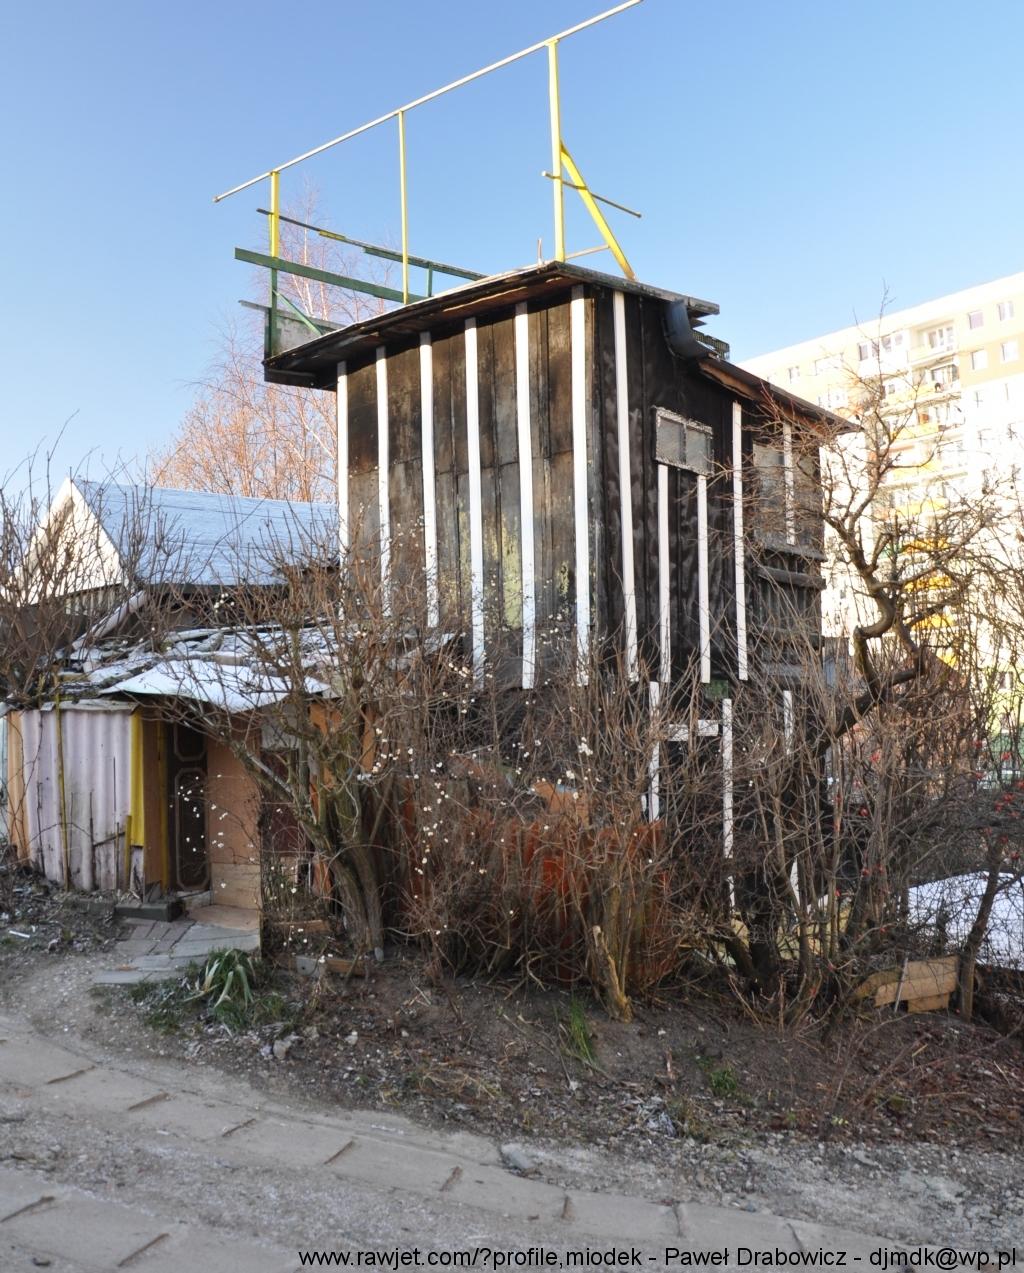 1_poland_-_gdansk_-_siedlce_-_szara_gorki_pomnik_mickiewicza_01.jpg